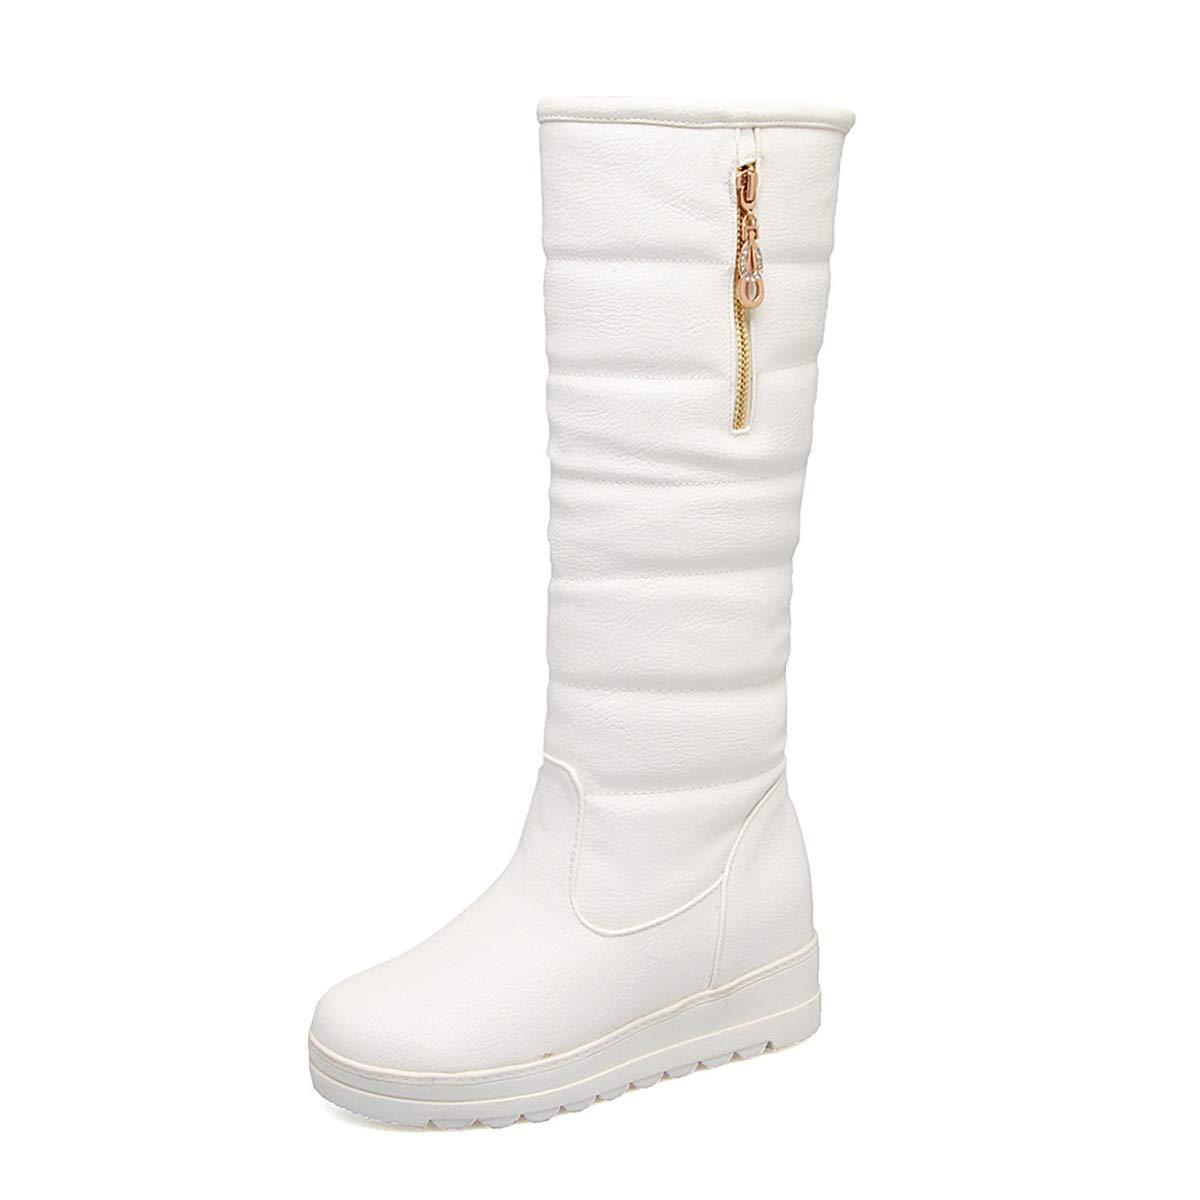 A 39EU DANDANJIE Femmes Les Les dames Bottes de Neige Wedge Talon Mollet Bottes Hiver Chaud sans GlisseHommest Chaussures Bottes,A,30EU